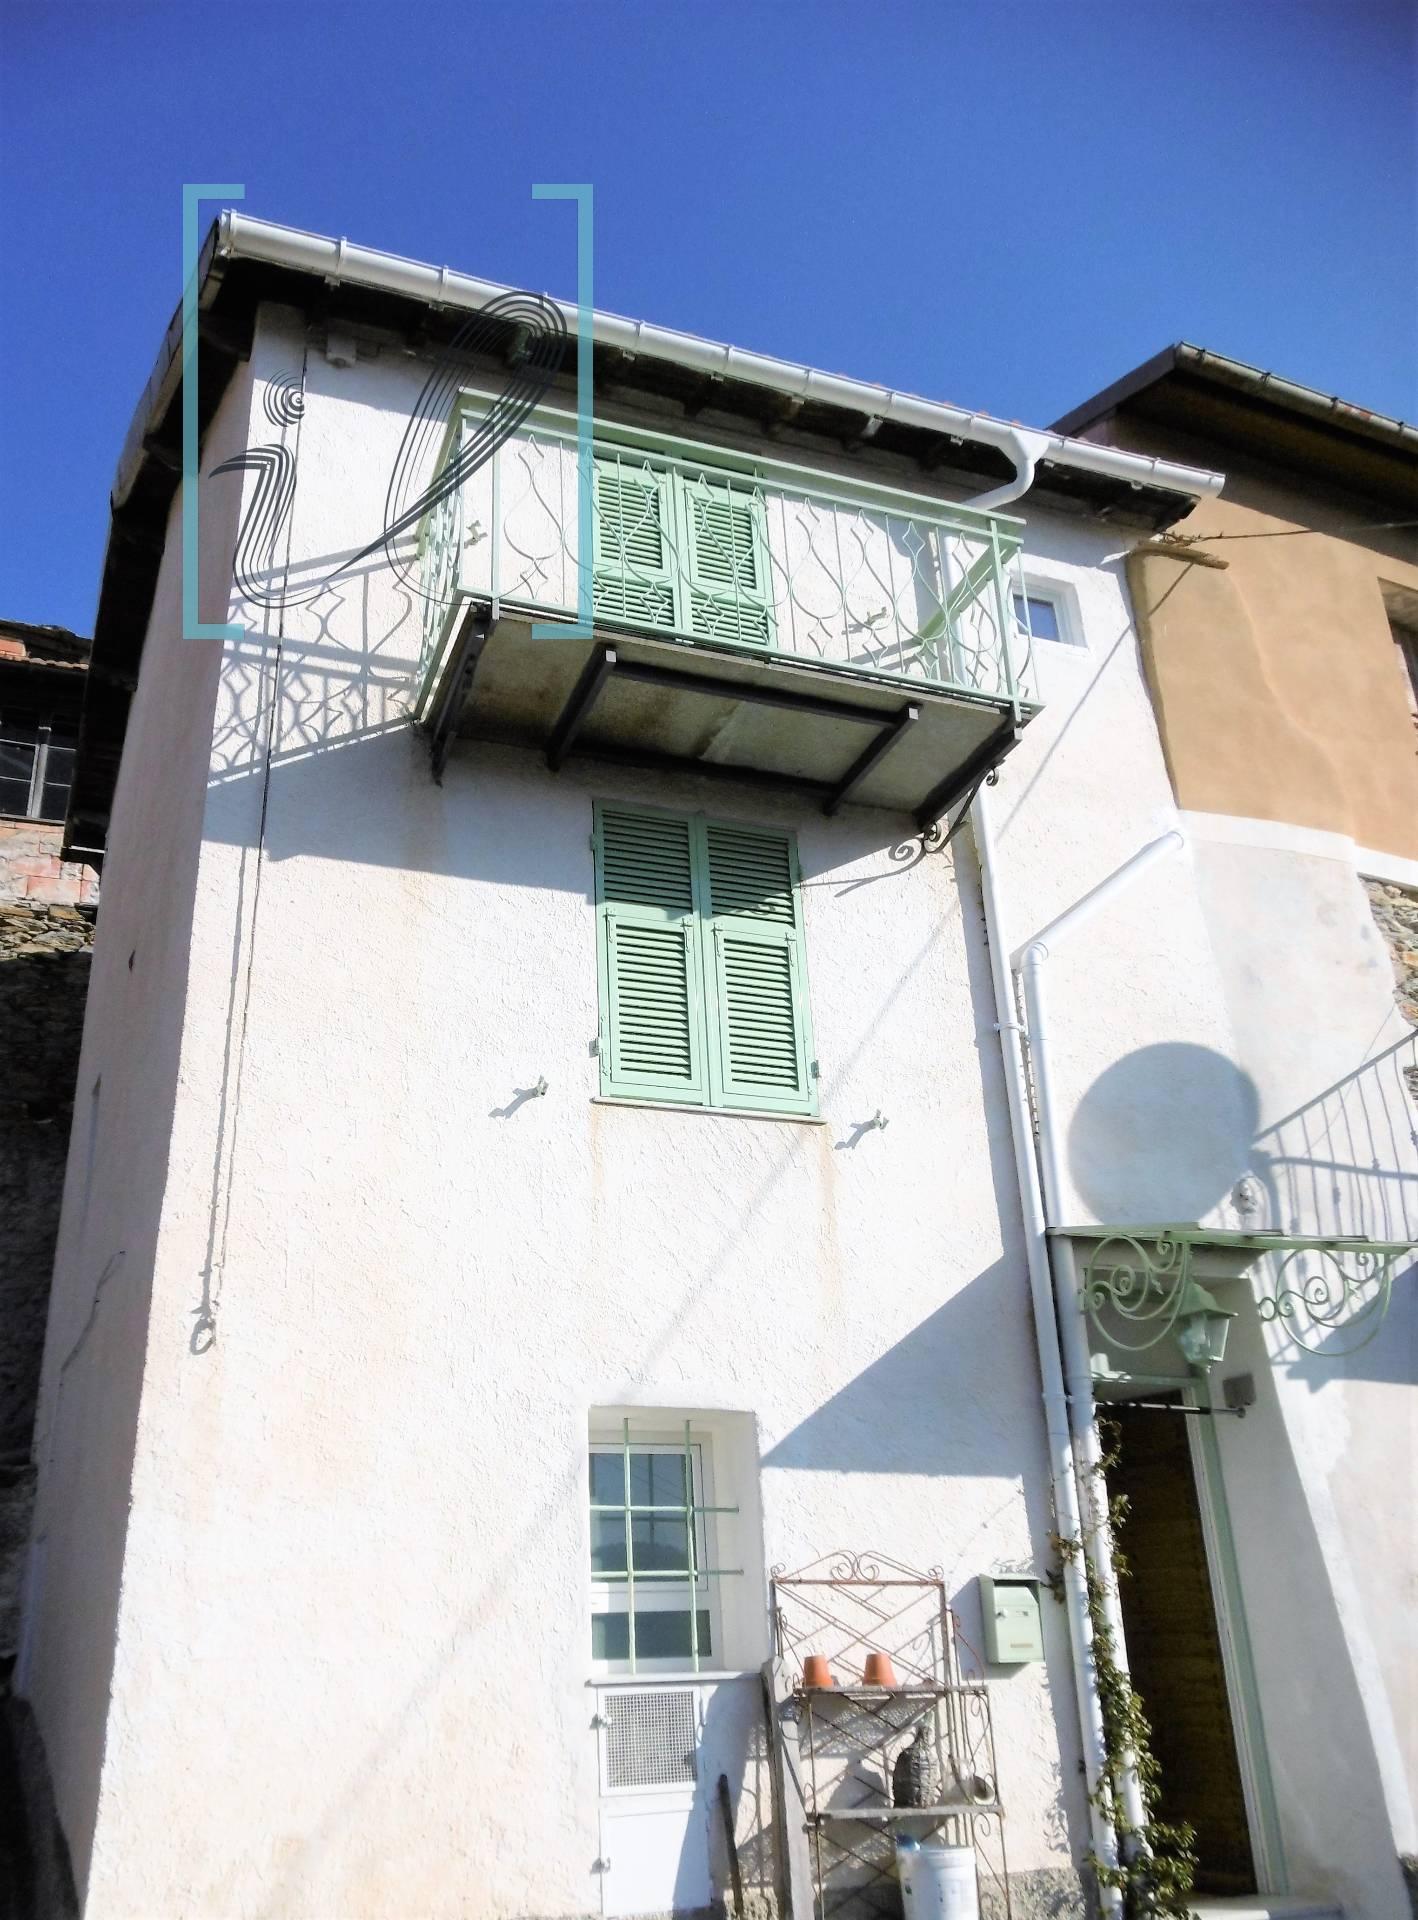 Rustico / Casale in vendita a Borghetto d'Arroscia, 3 locali, prezzo € 57.000 | CambioCasa.it